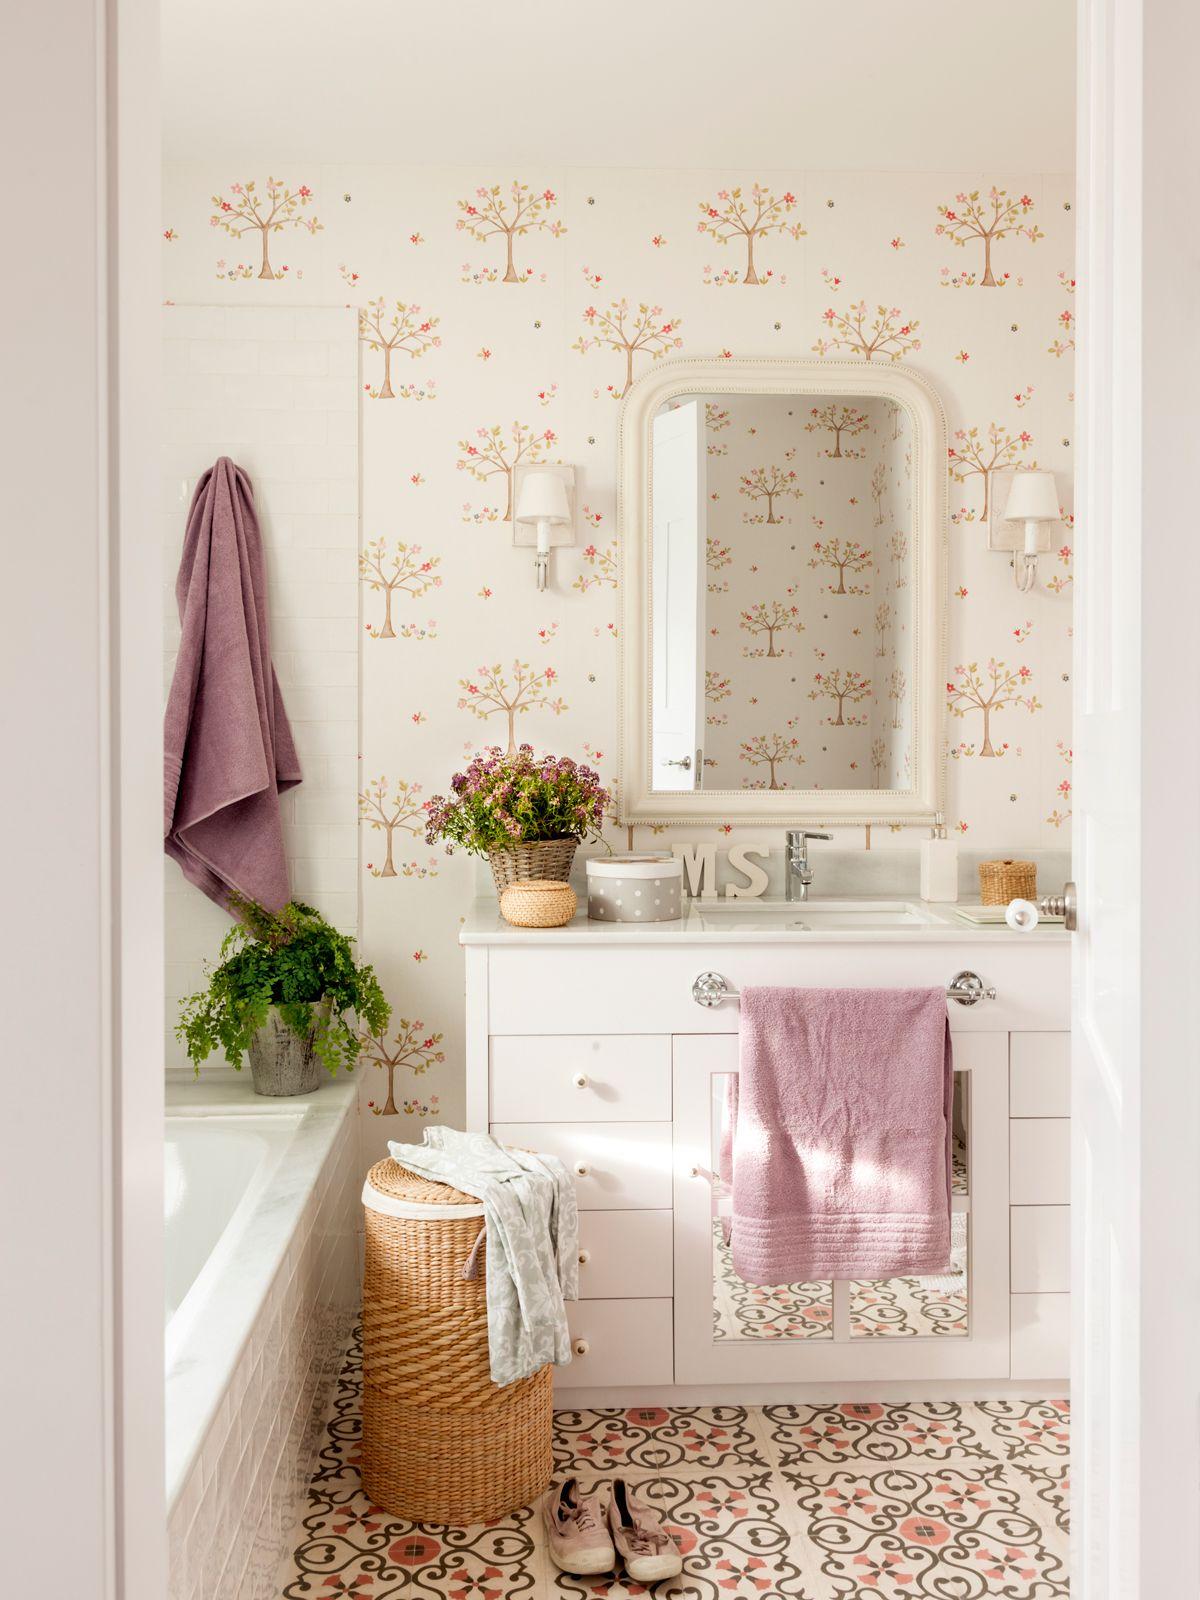 Consigue un bbb ba o bonito y barato pintando muebles - Reformar bano barato ...